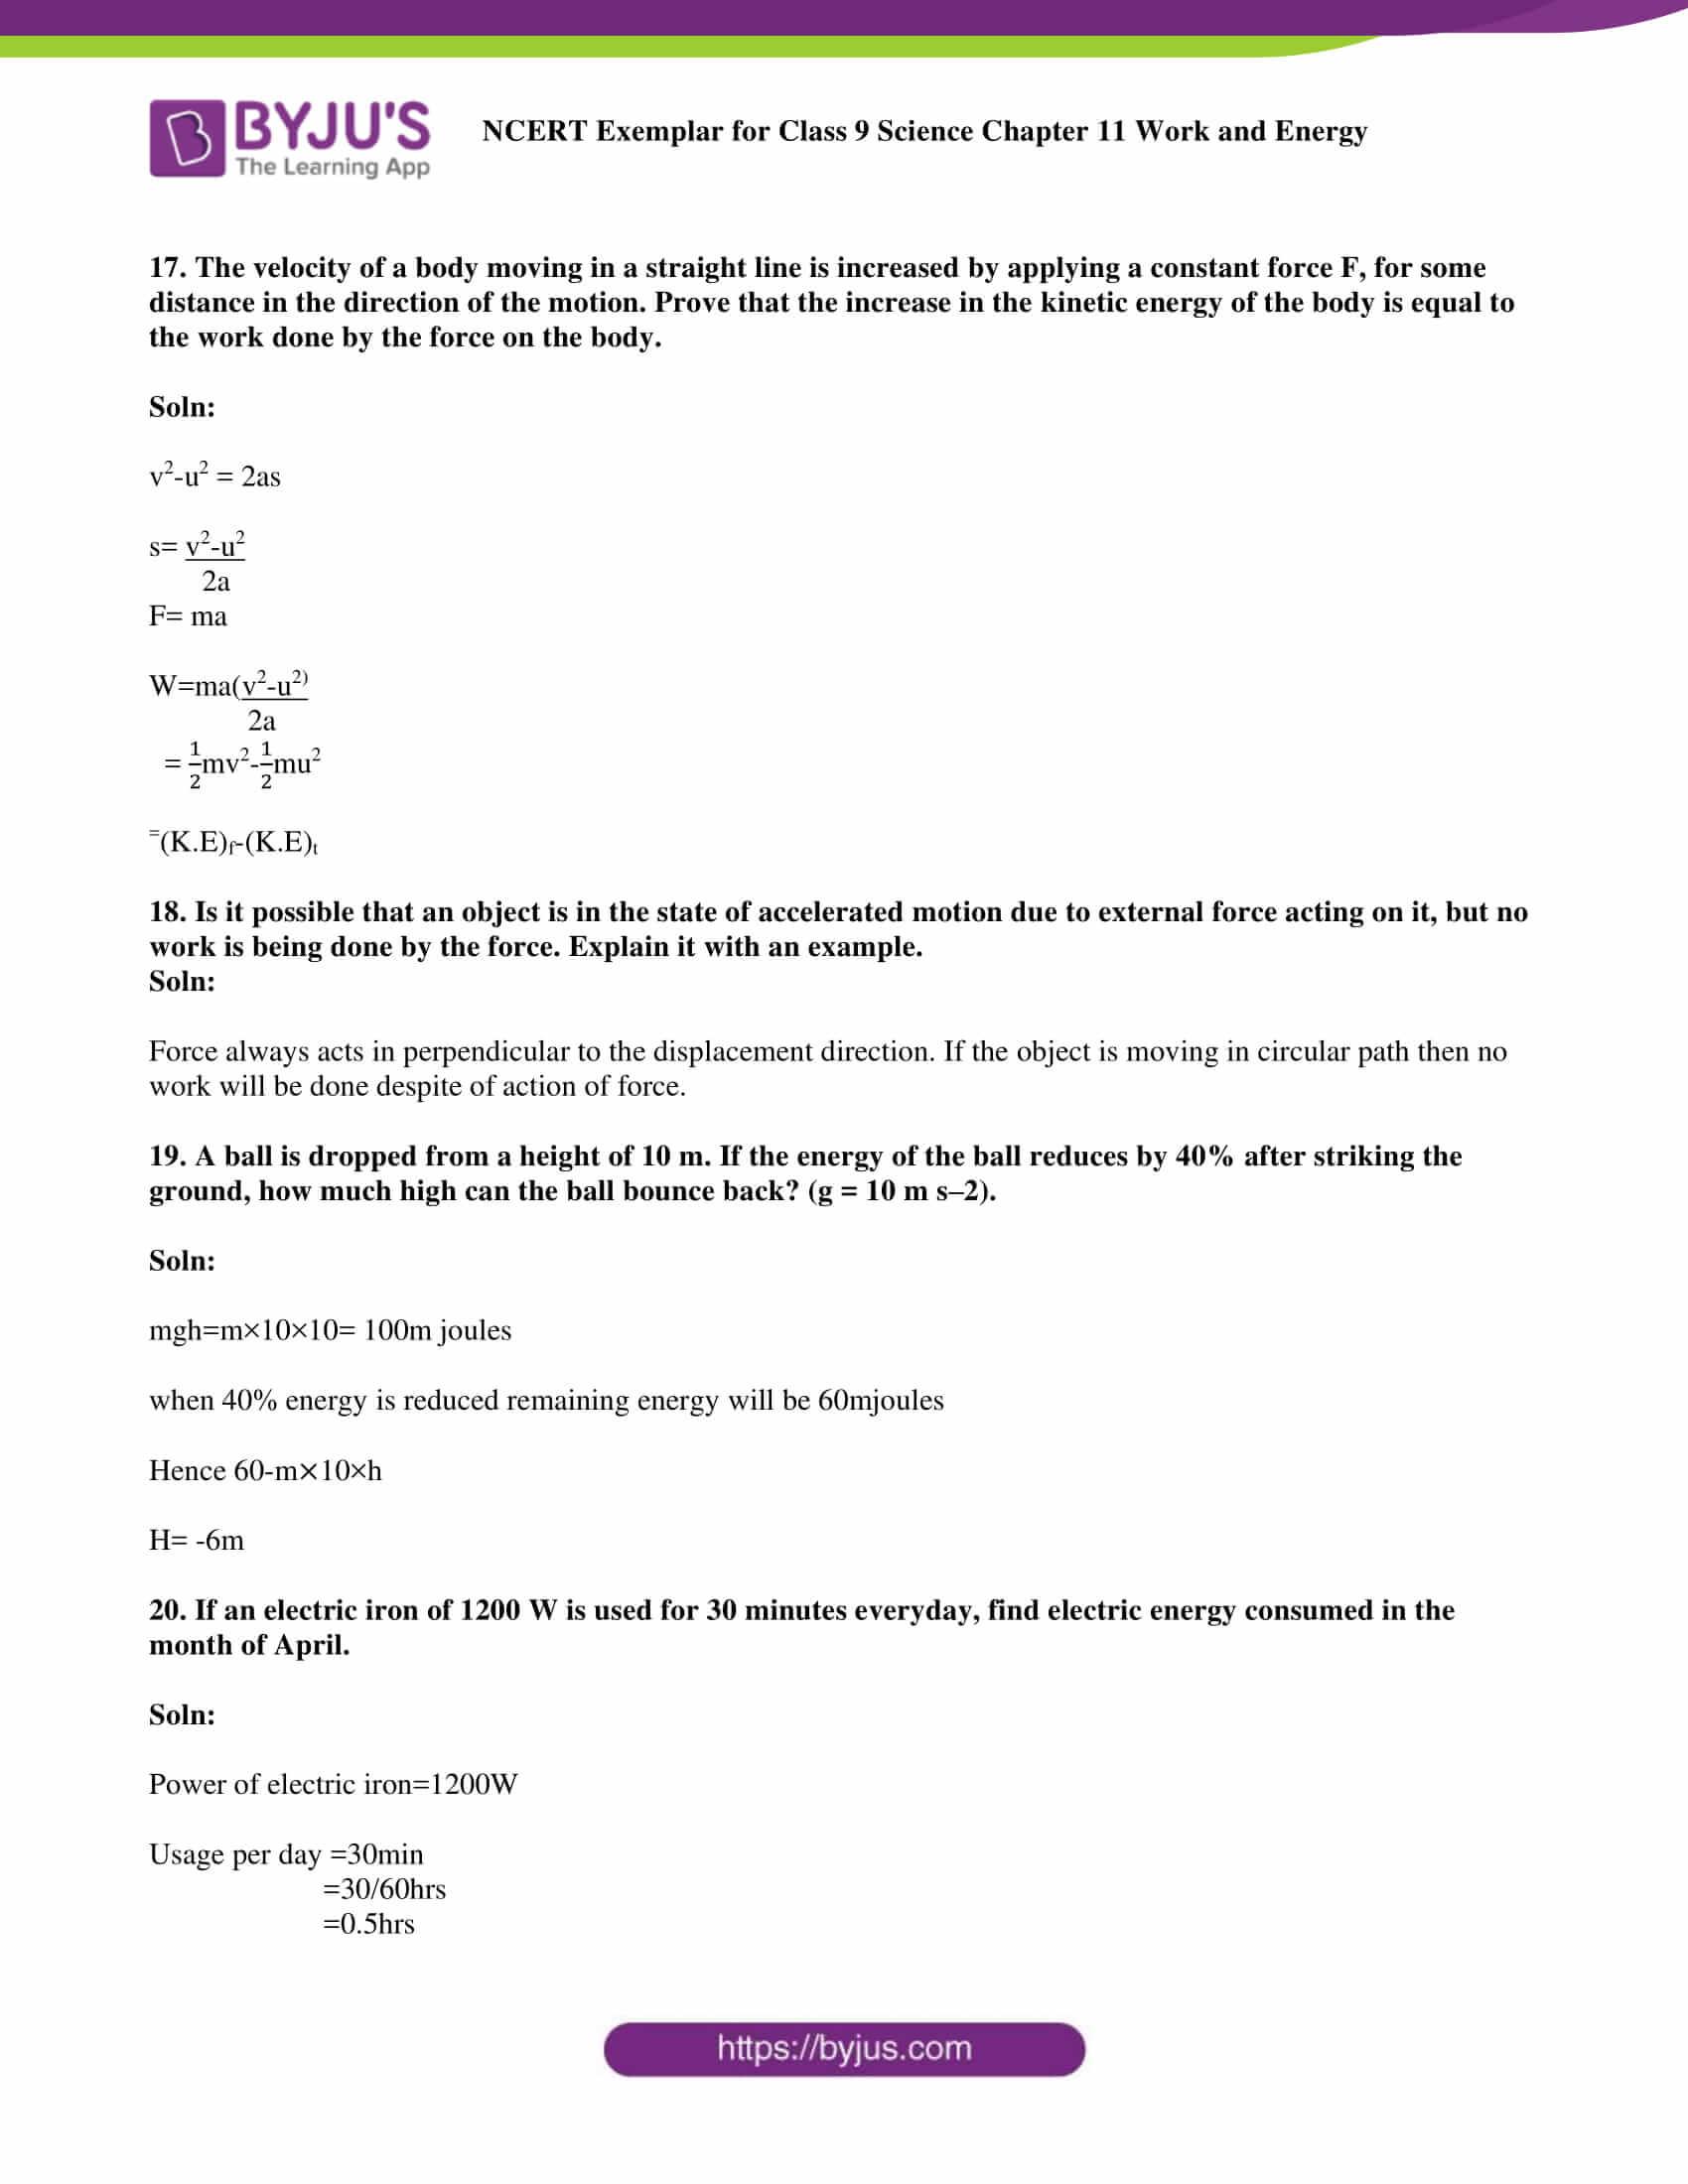 NCERT Exemplar solution class 9 Chapter 11 part 06